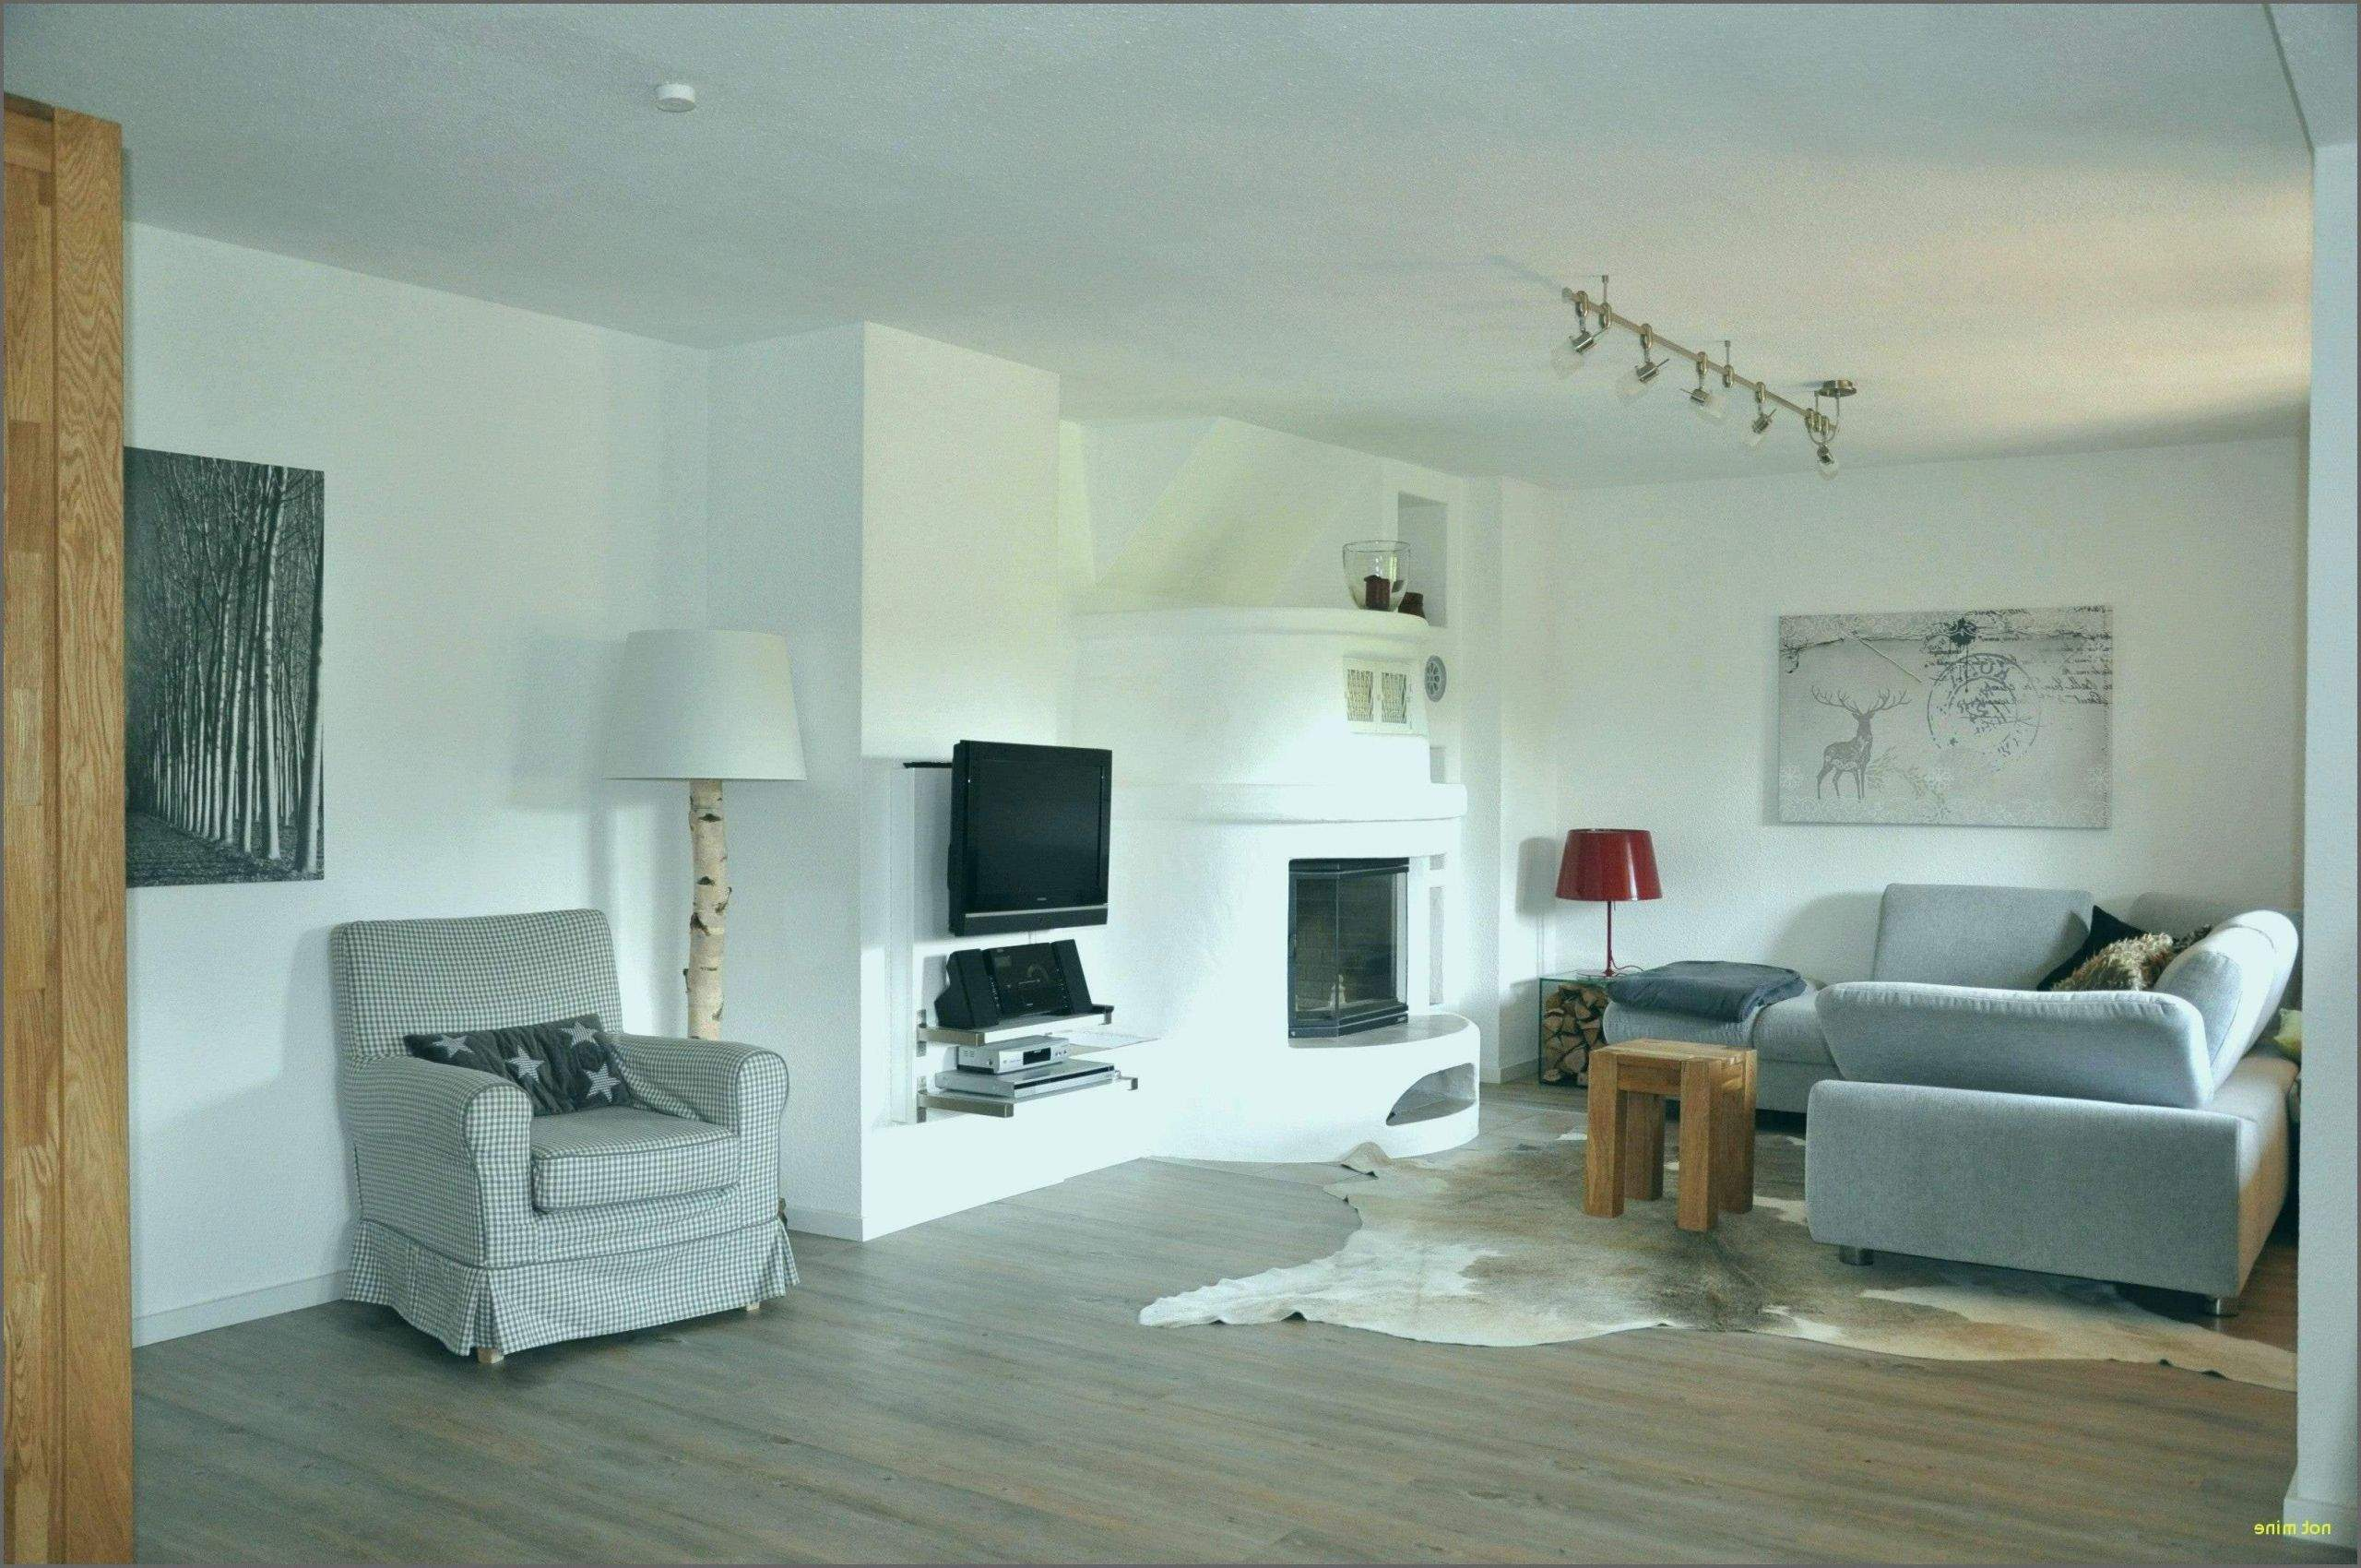 wohnzimmer deko ideen luxus wie kann man wohnzimmer dekorieren naturlich wohnzimmer idee of wohnzimmer deko ideen scaled